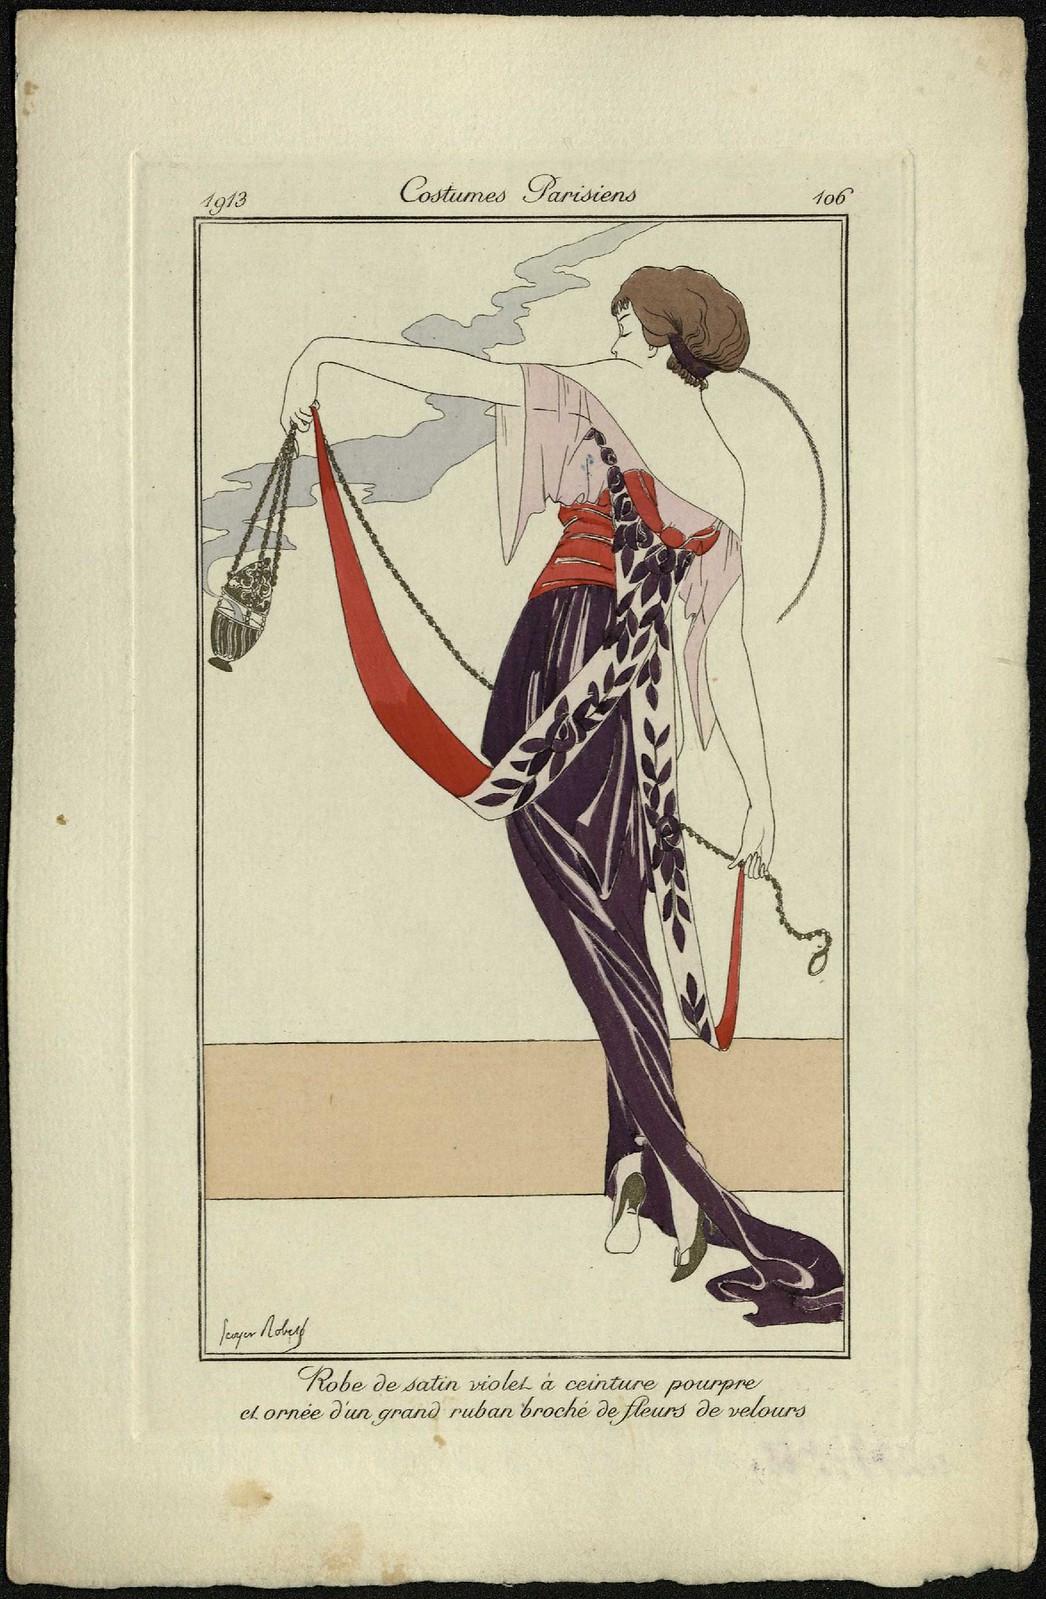 Пурпурное атласное платье с пурпурным поясом, украшенное большой лентой, расшитой бархатными цветами.